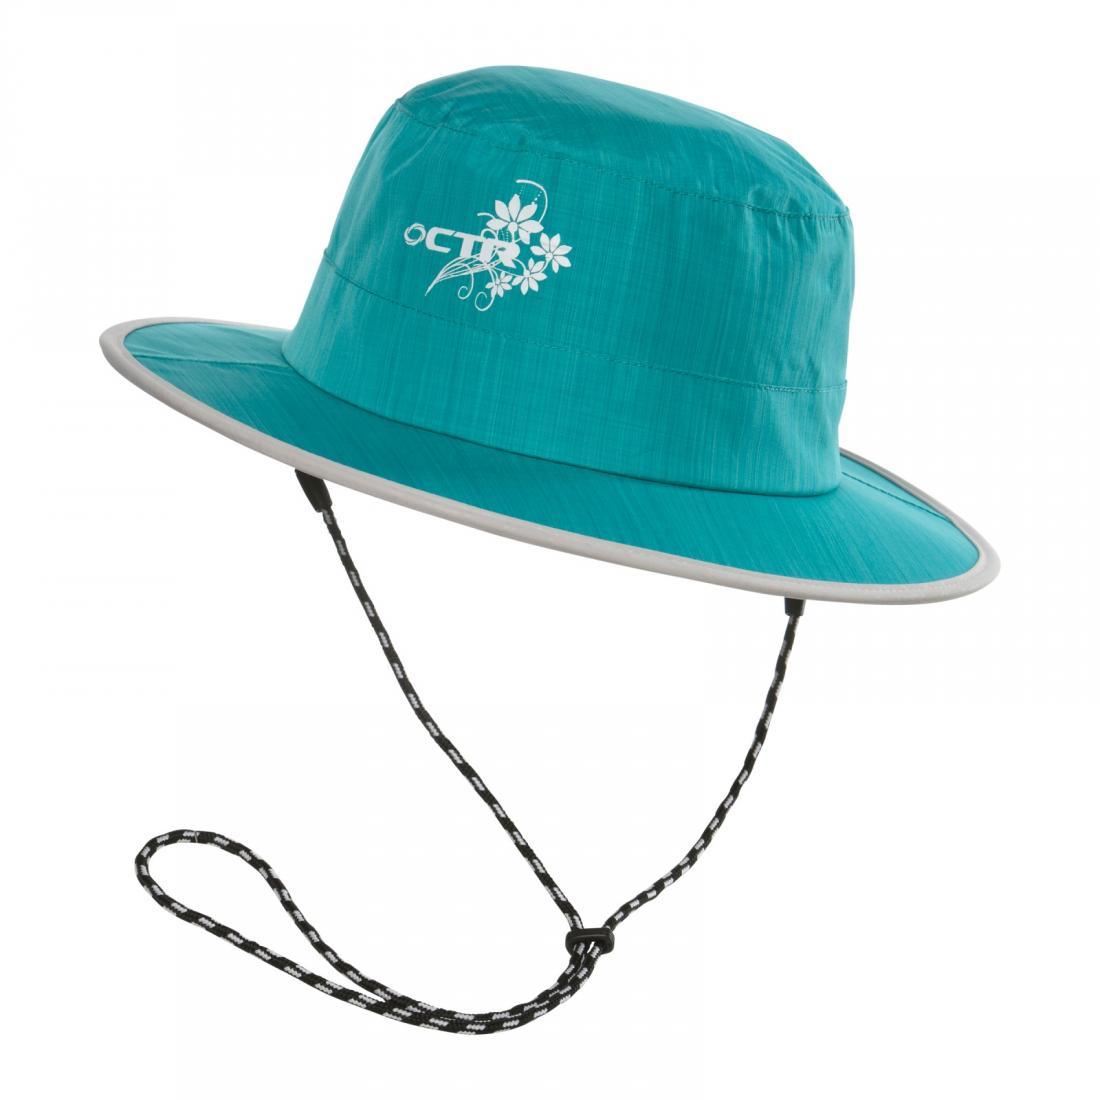 Панама Chaos  Stratus Bucket Hat (женс)Панамы<br><br> Женская панама Chaos Stratus Bucket Hat привлекает внимание сочными оттенками и небольшим элегантным принтом. Она станет верной спутницей в путешествиях и незаменимой помощницей в любую погоду. Эта модель одинаково хорошо защищает от ярких солнечны...<br><br>Цвет: Голубой<br>Размер: L-XL